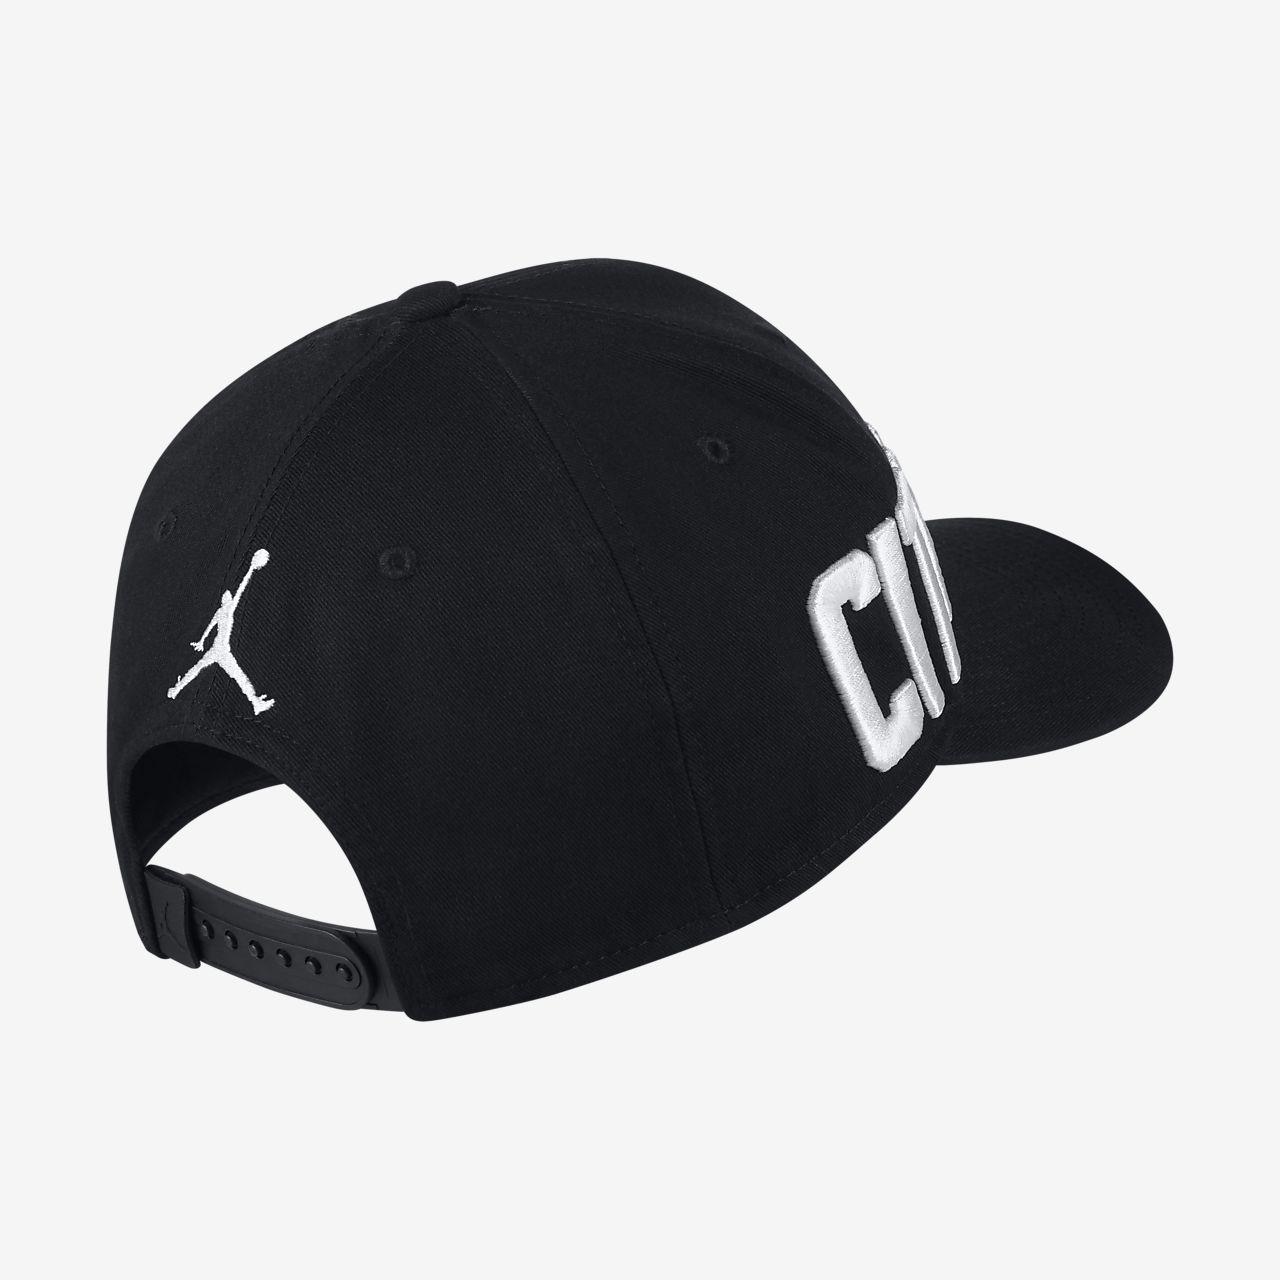 8b0d9754ed002 Jordan Jumpman Classic 99 Gorra regulable. Nike.com ES